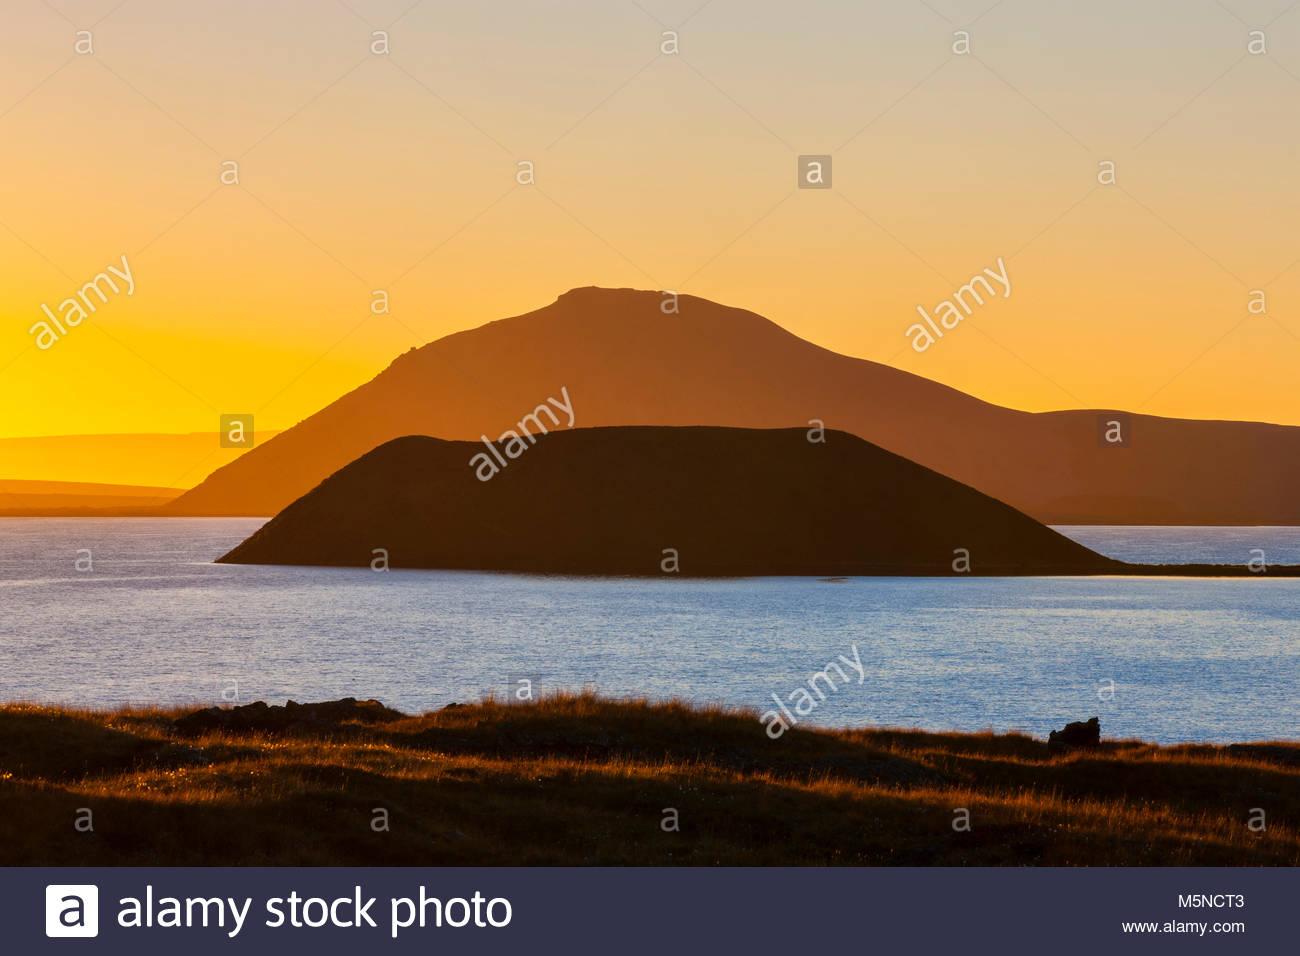 Un pseudocrater è reso in silhouette contro un cono volanic al tramonto in Mývatn nel nord dell'Islanda. Immagini Stock